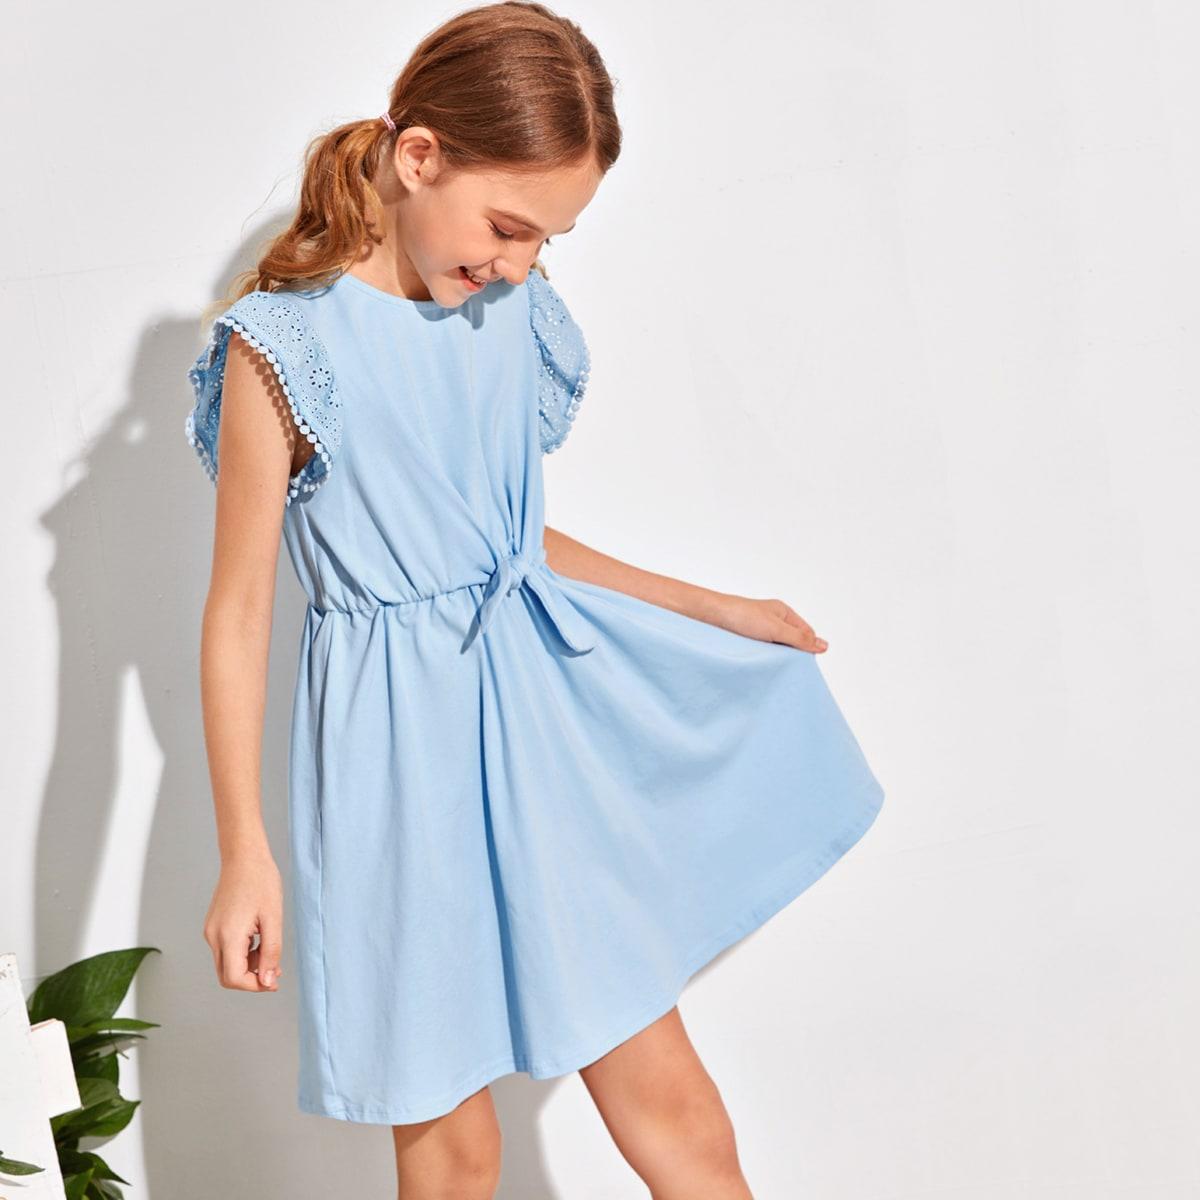 Однотонное платье с узлом и вышивкой для девочек фото